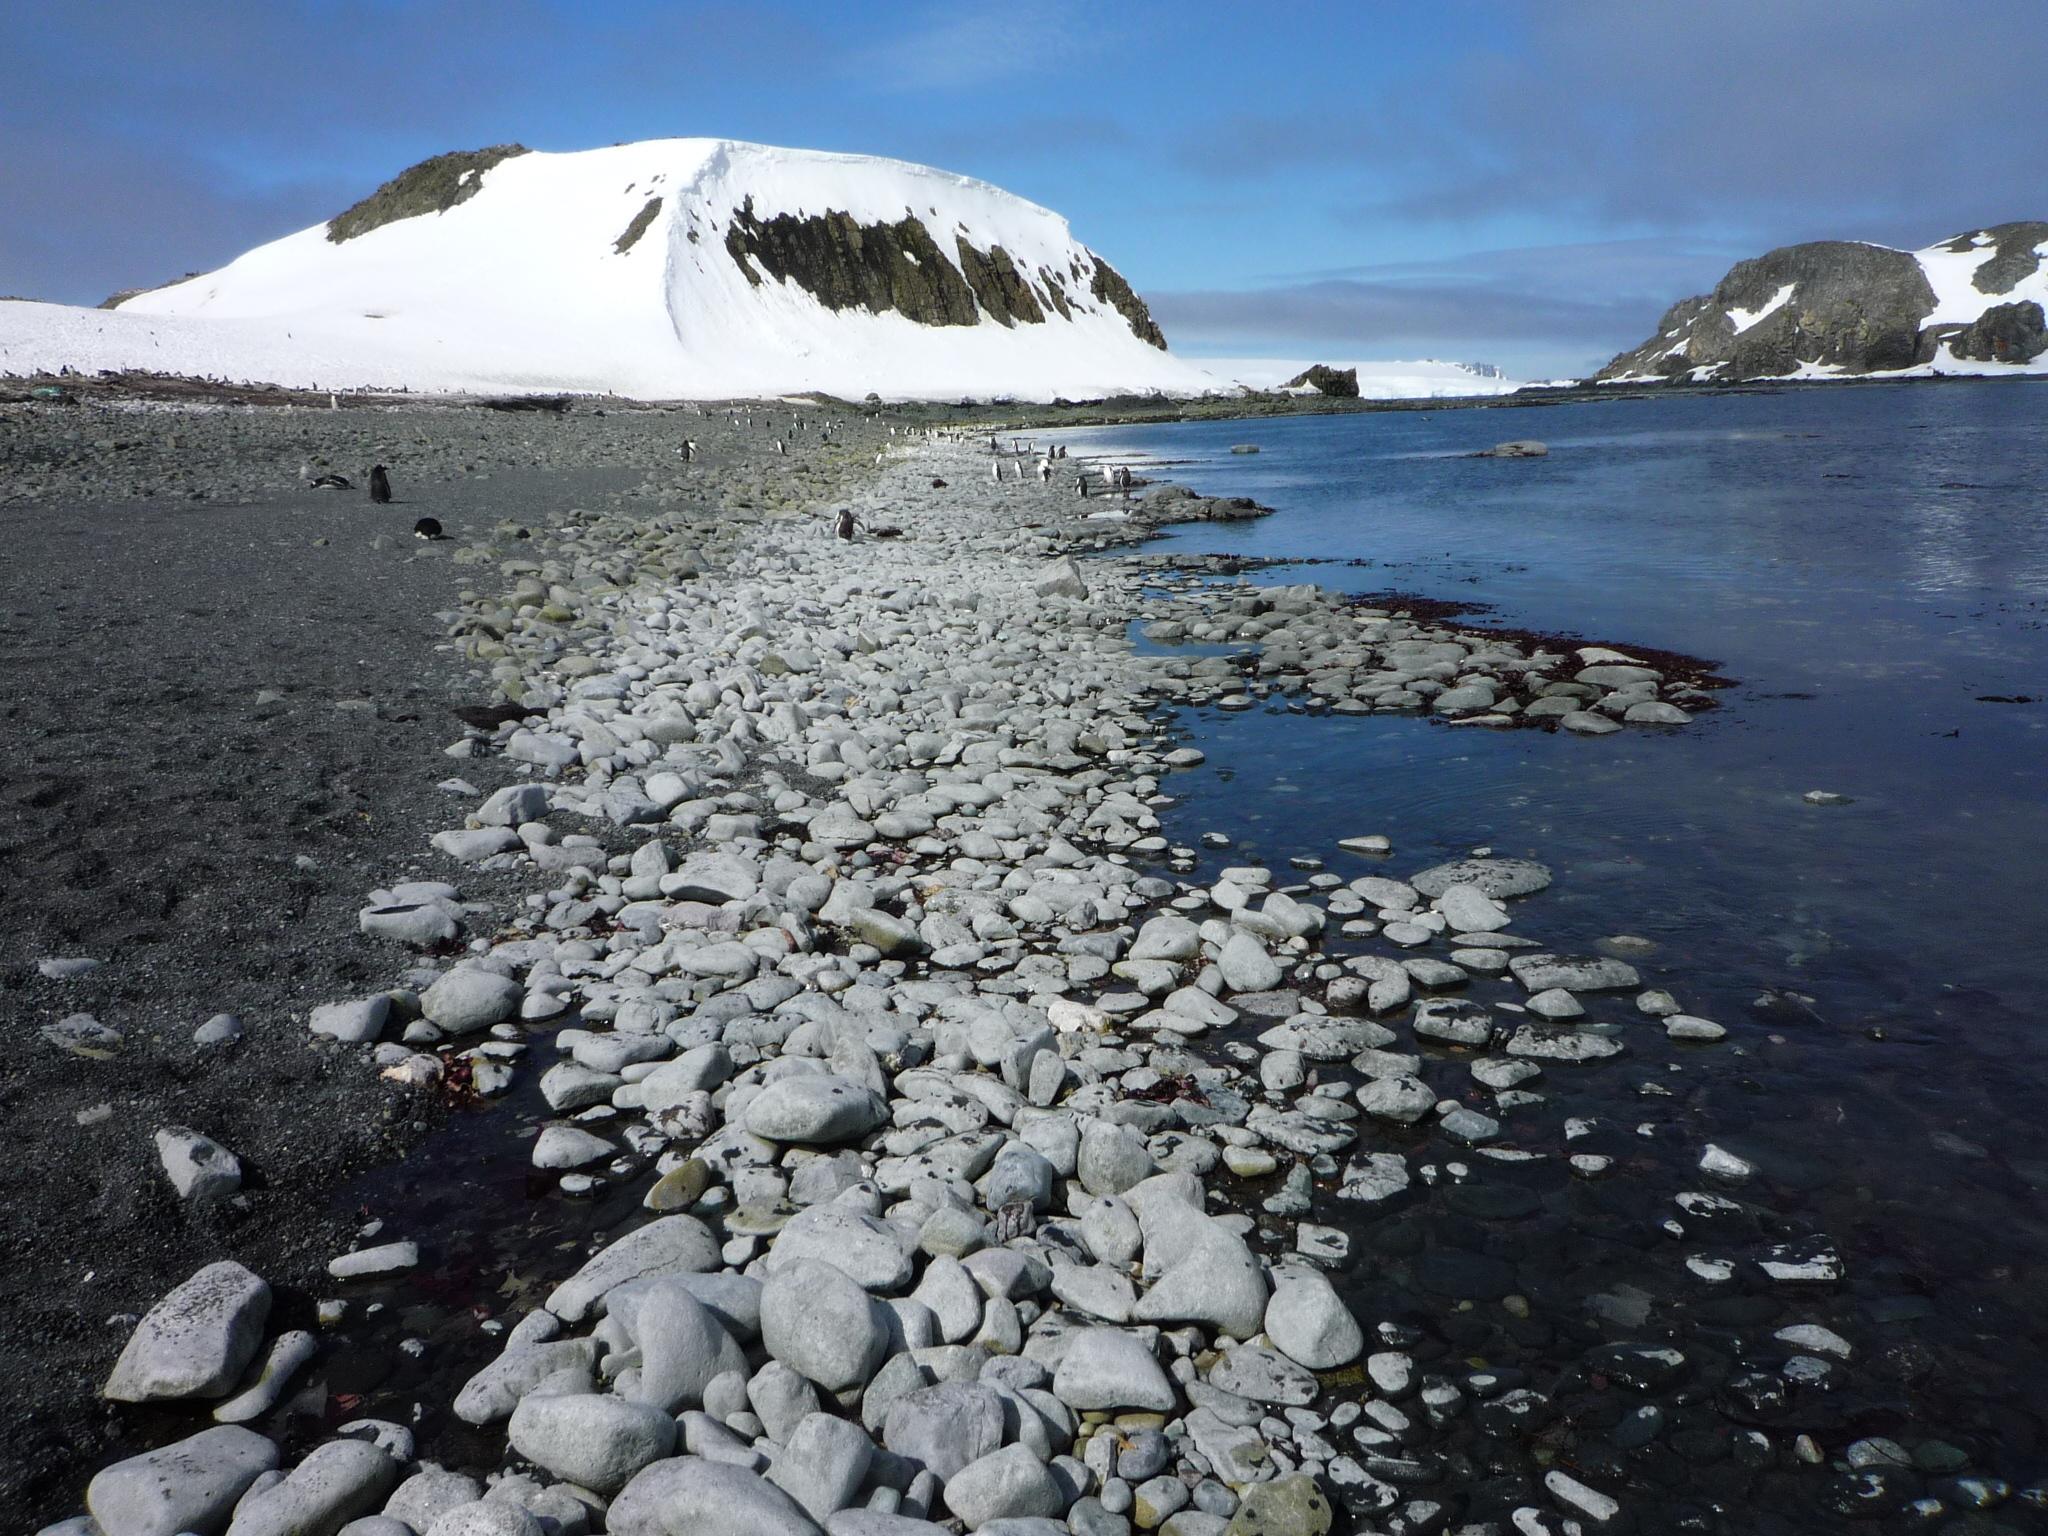 Man blickt an der antarktischen Küste entlang. Der Strand ist mit Steinen bedeckt. Etwas weiter hinten sind Pinguine zu sehen. Im Hintergrund ragt ein teilweise schneebedeckter Berg auf.